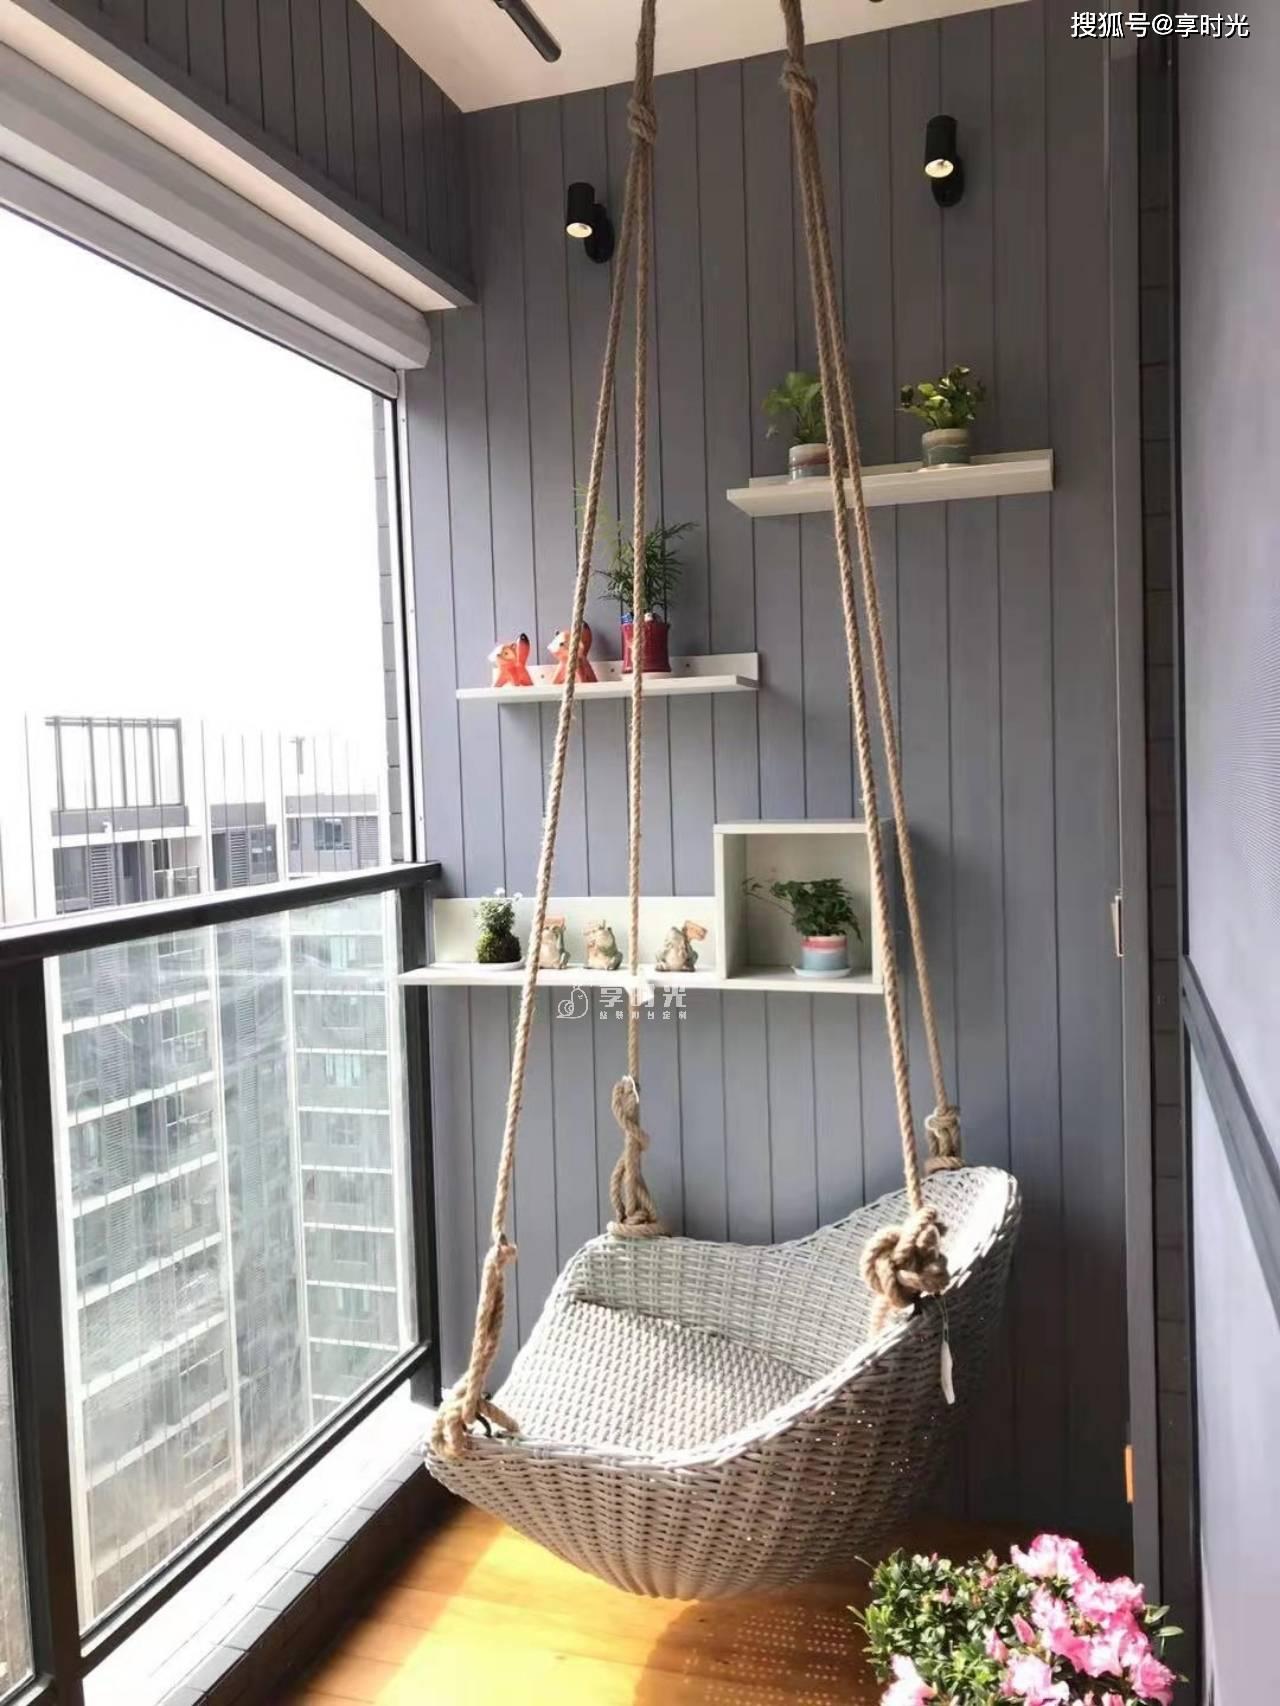 木阳台加盟|享时光阳台设计得这么有童心,也太厉害了!